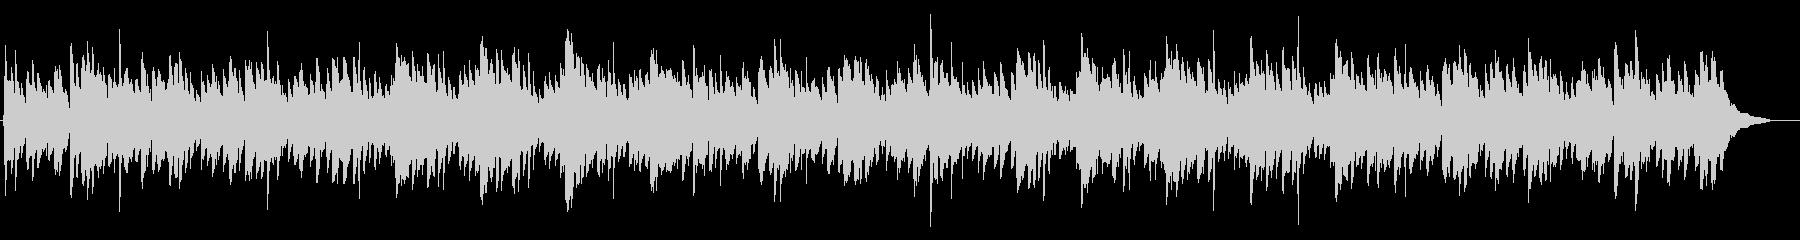 アコギアルペジオのバラード感動 結婚式の未再生の波形